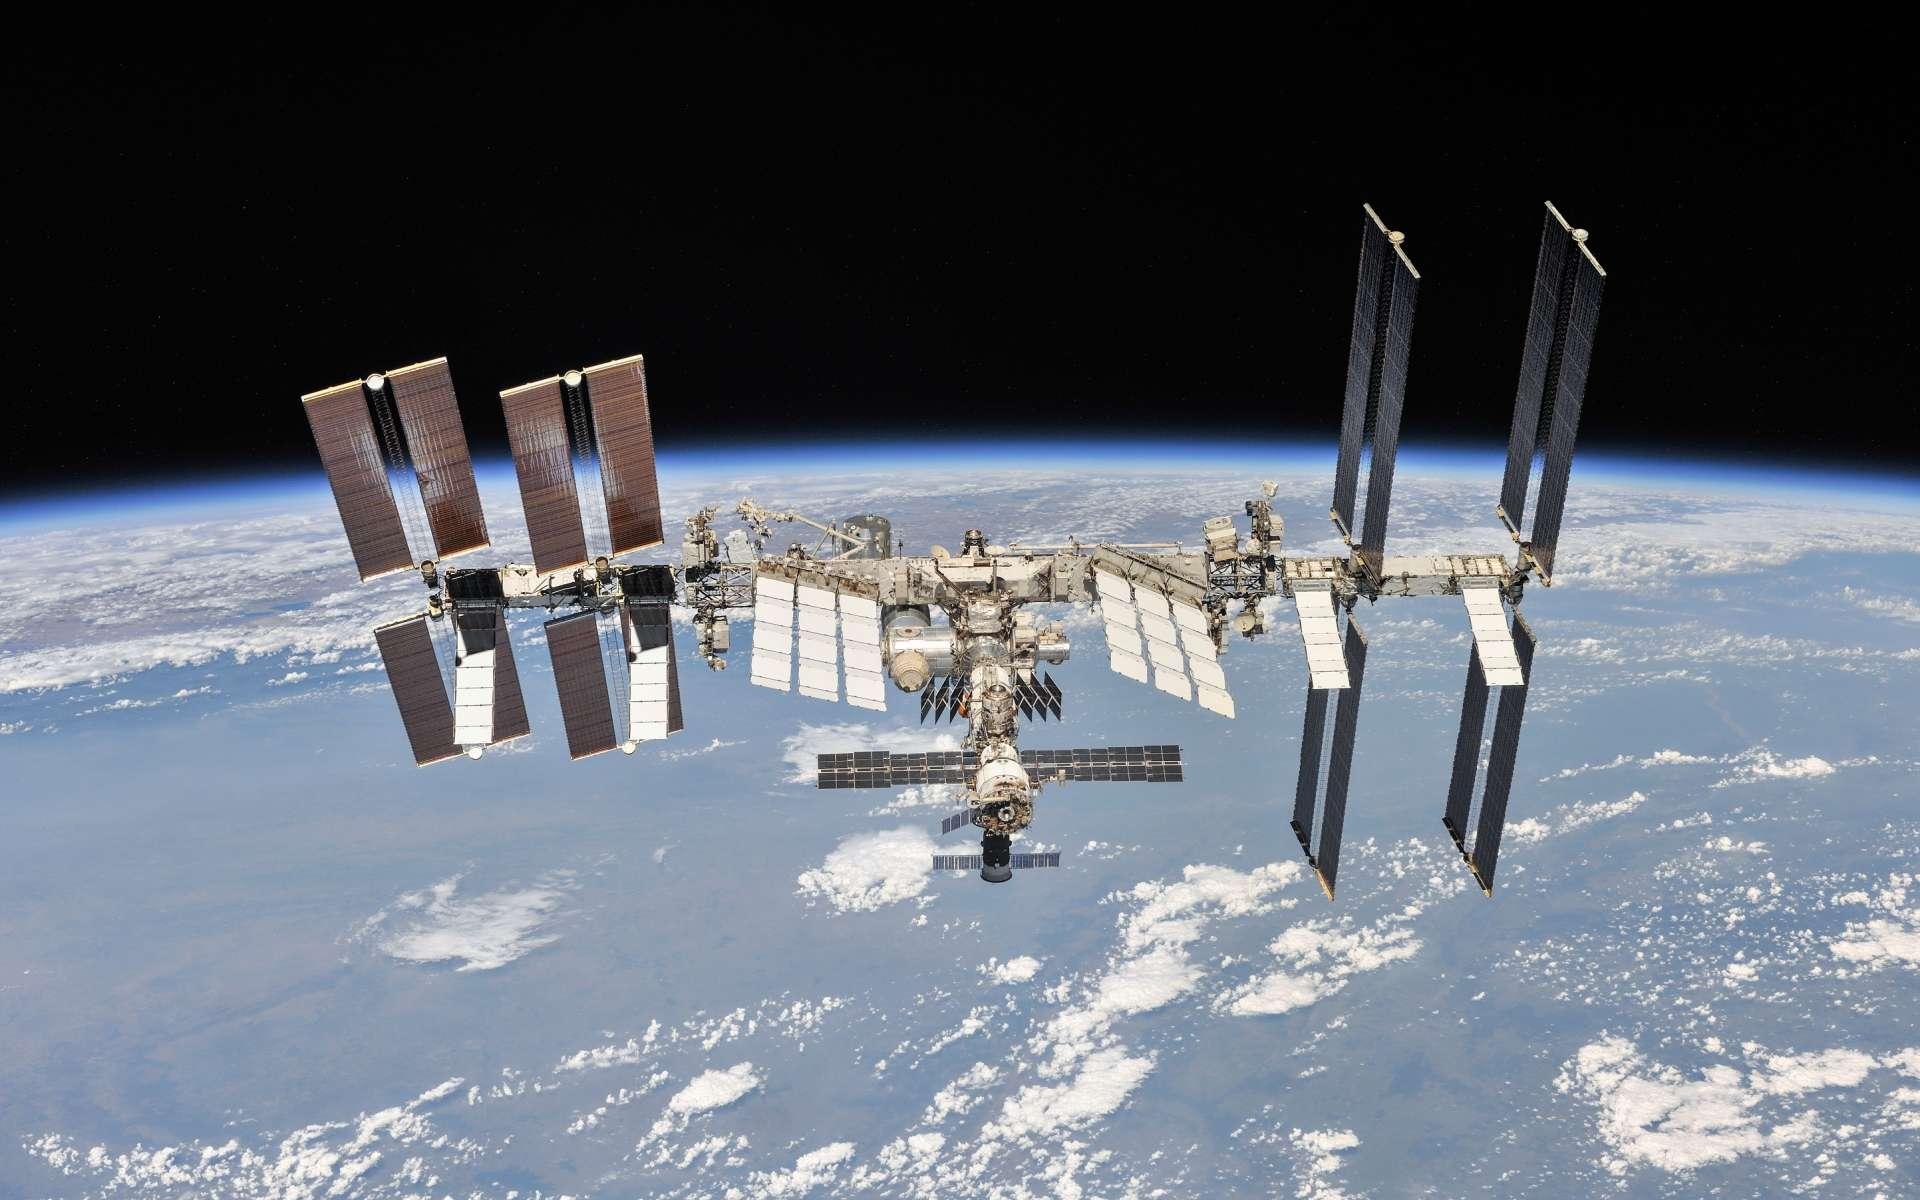 À point, saignant, bleu ? La perspective de cosmonautes savourant un rôti dans l'espace est devenue un peu moins théorique après la création de viande à bord de la Station spatiale internationale (ISS). © HO, Nasa/Roscosmos, AFP